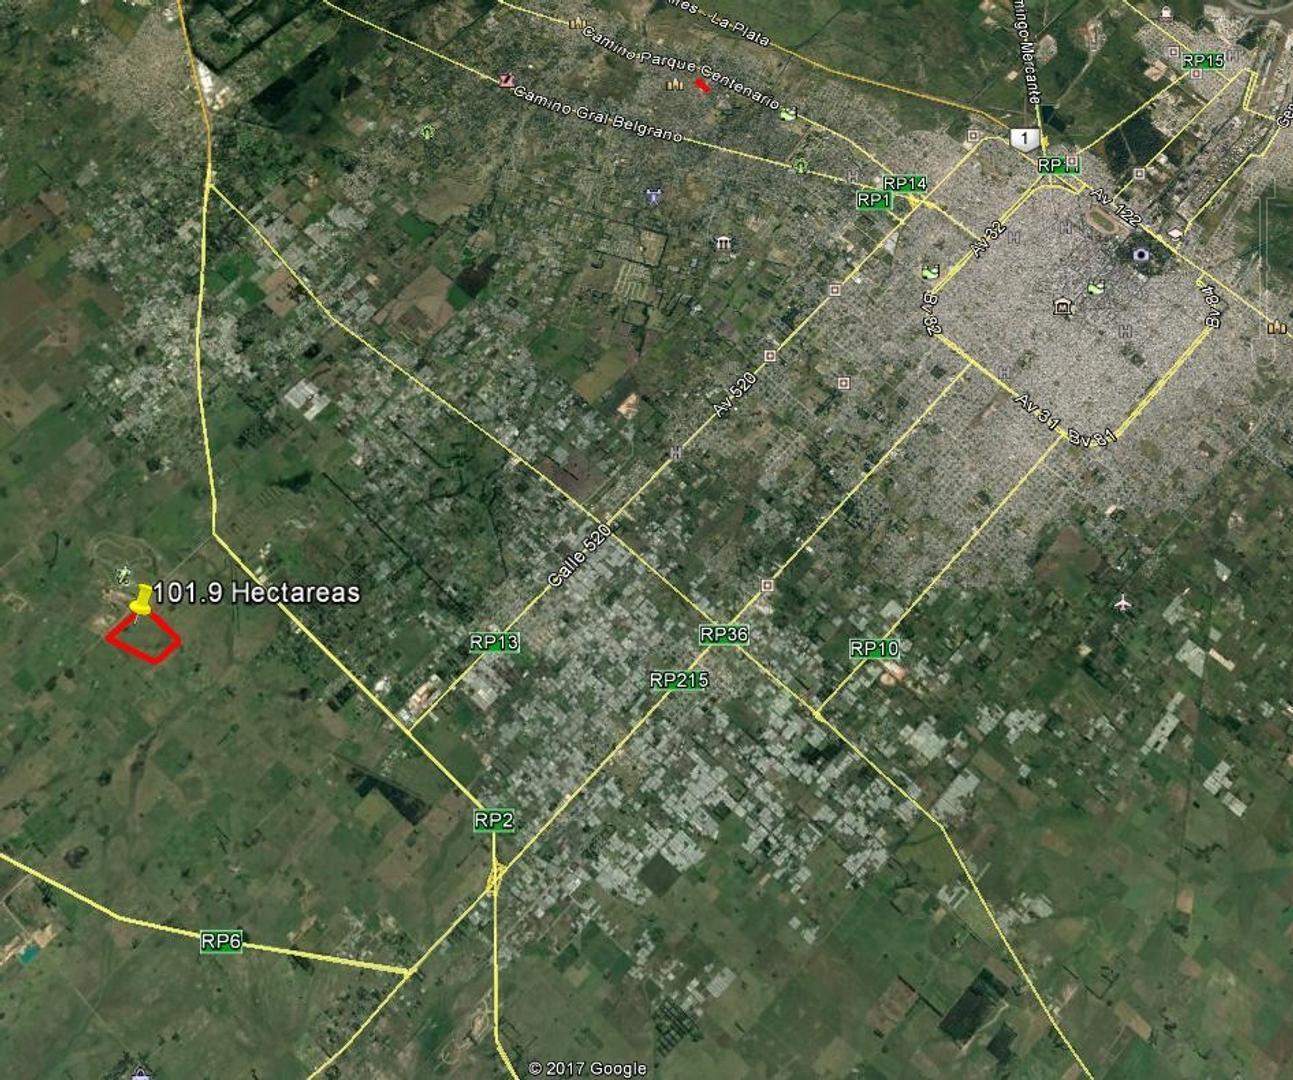 Campo en venta en Coronel Brandsen Ruta 2 km 49 Dacal Bienes Raices